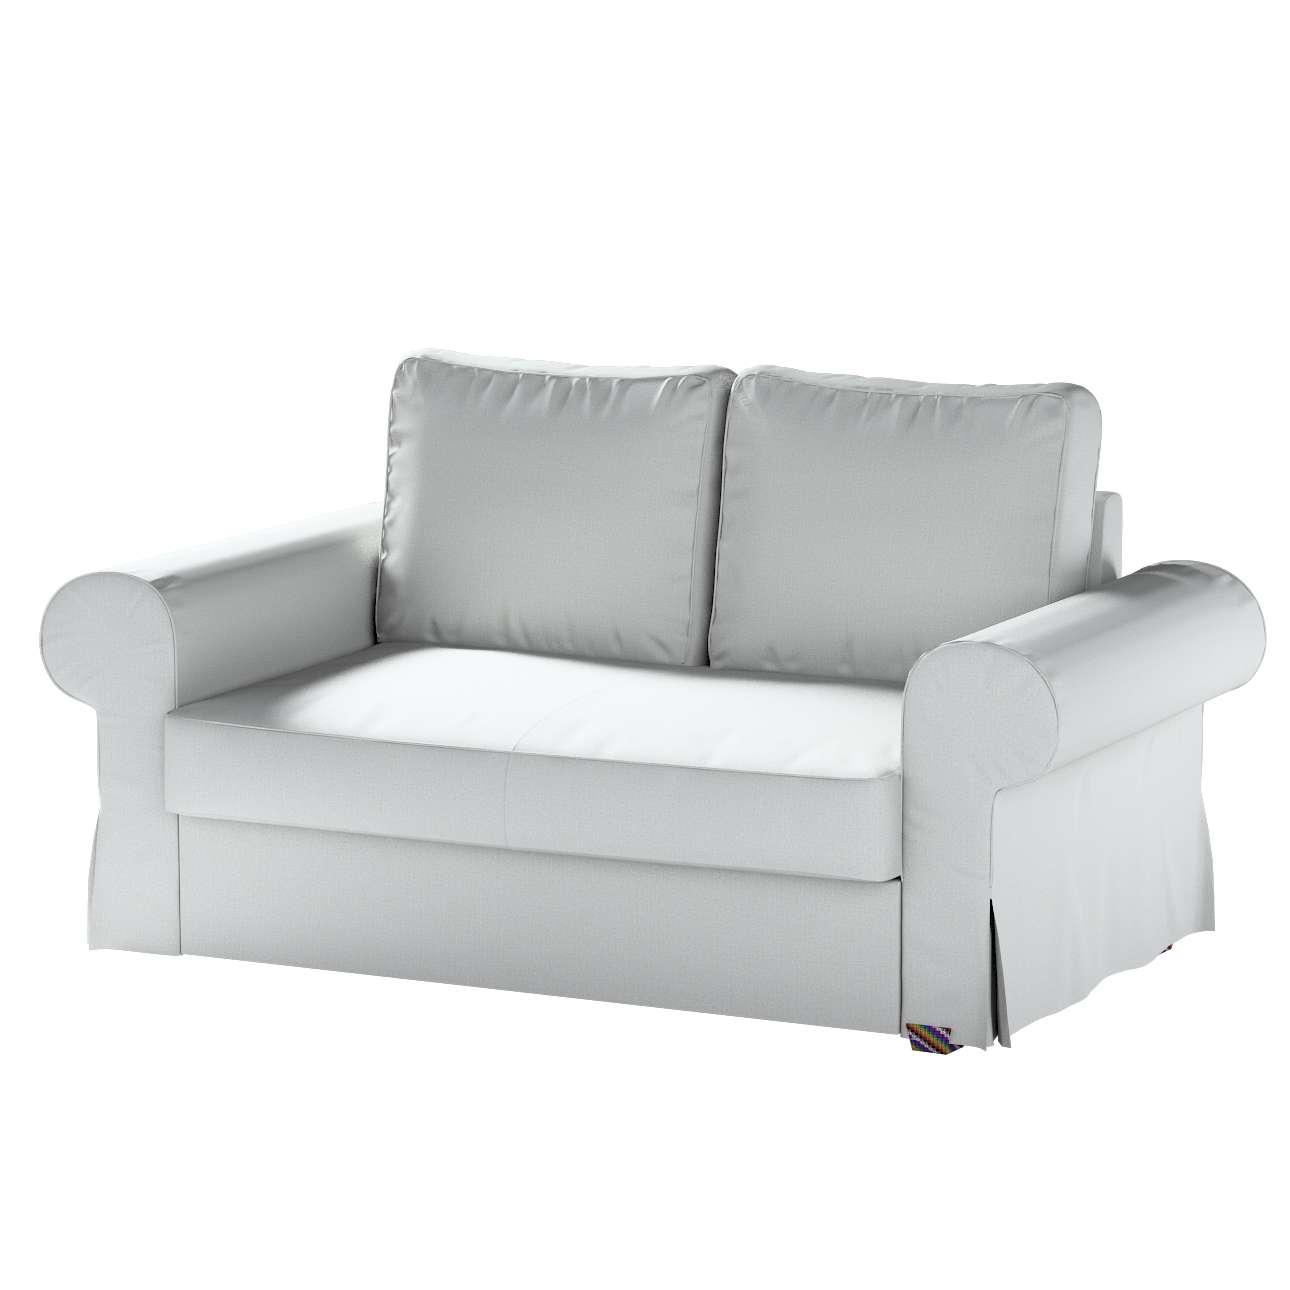 Pokrowiec na sofę Backabro 2-osobową rozkładaną w kolekcji Living II, tkanina: 161-18